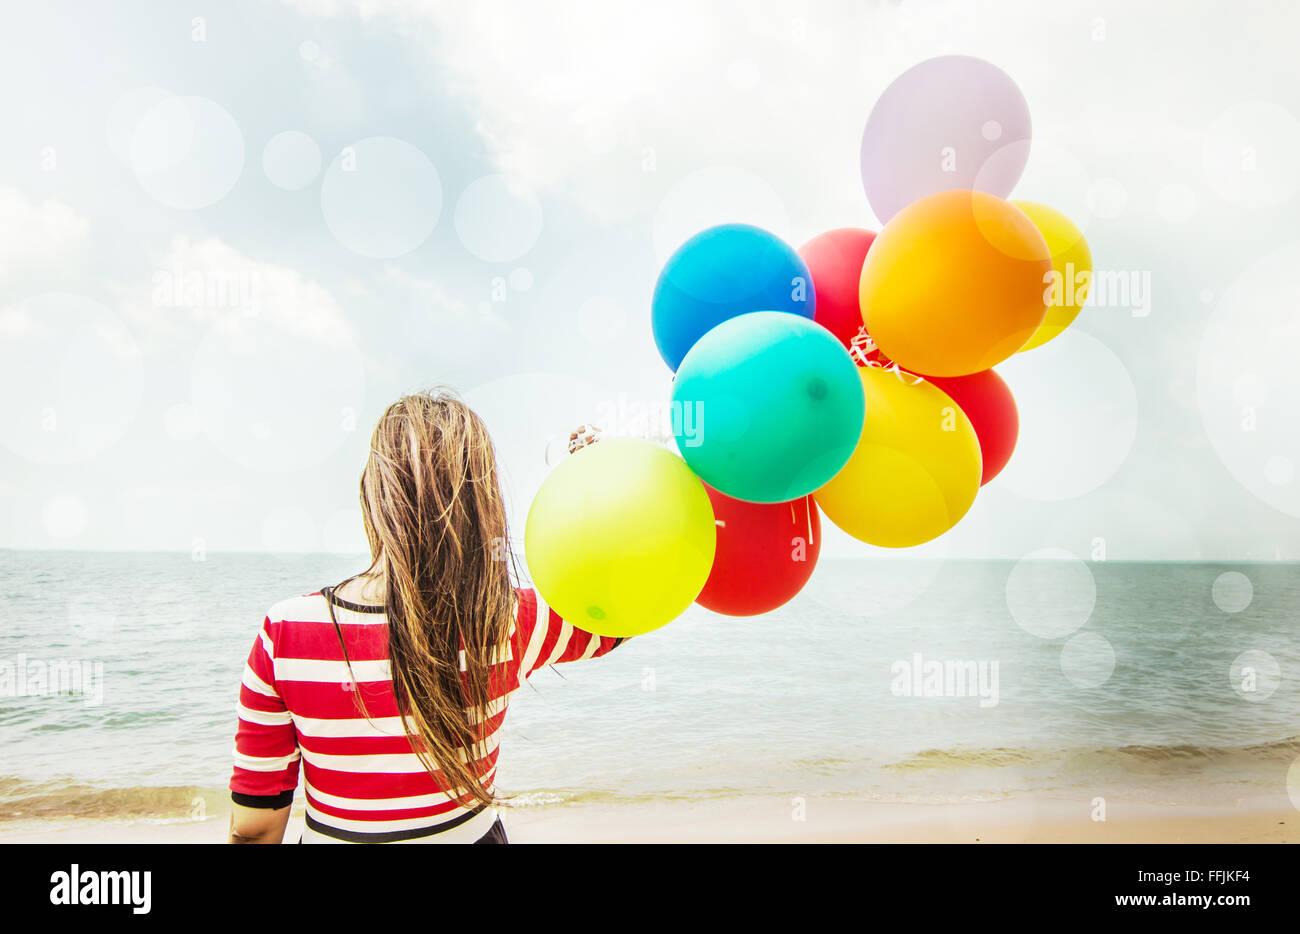 Donna con palloncini colorati sulla spiaggia,all'aperto di stile di vita immagine filtriFoto Stock